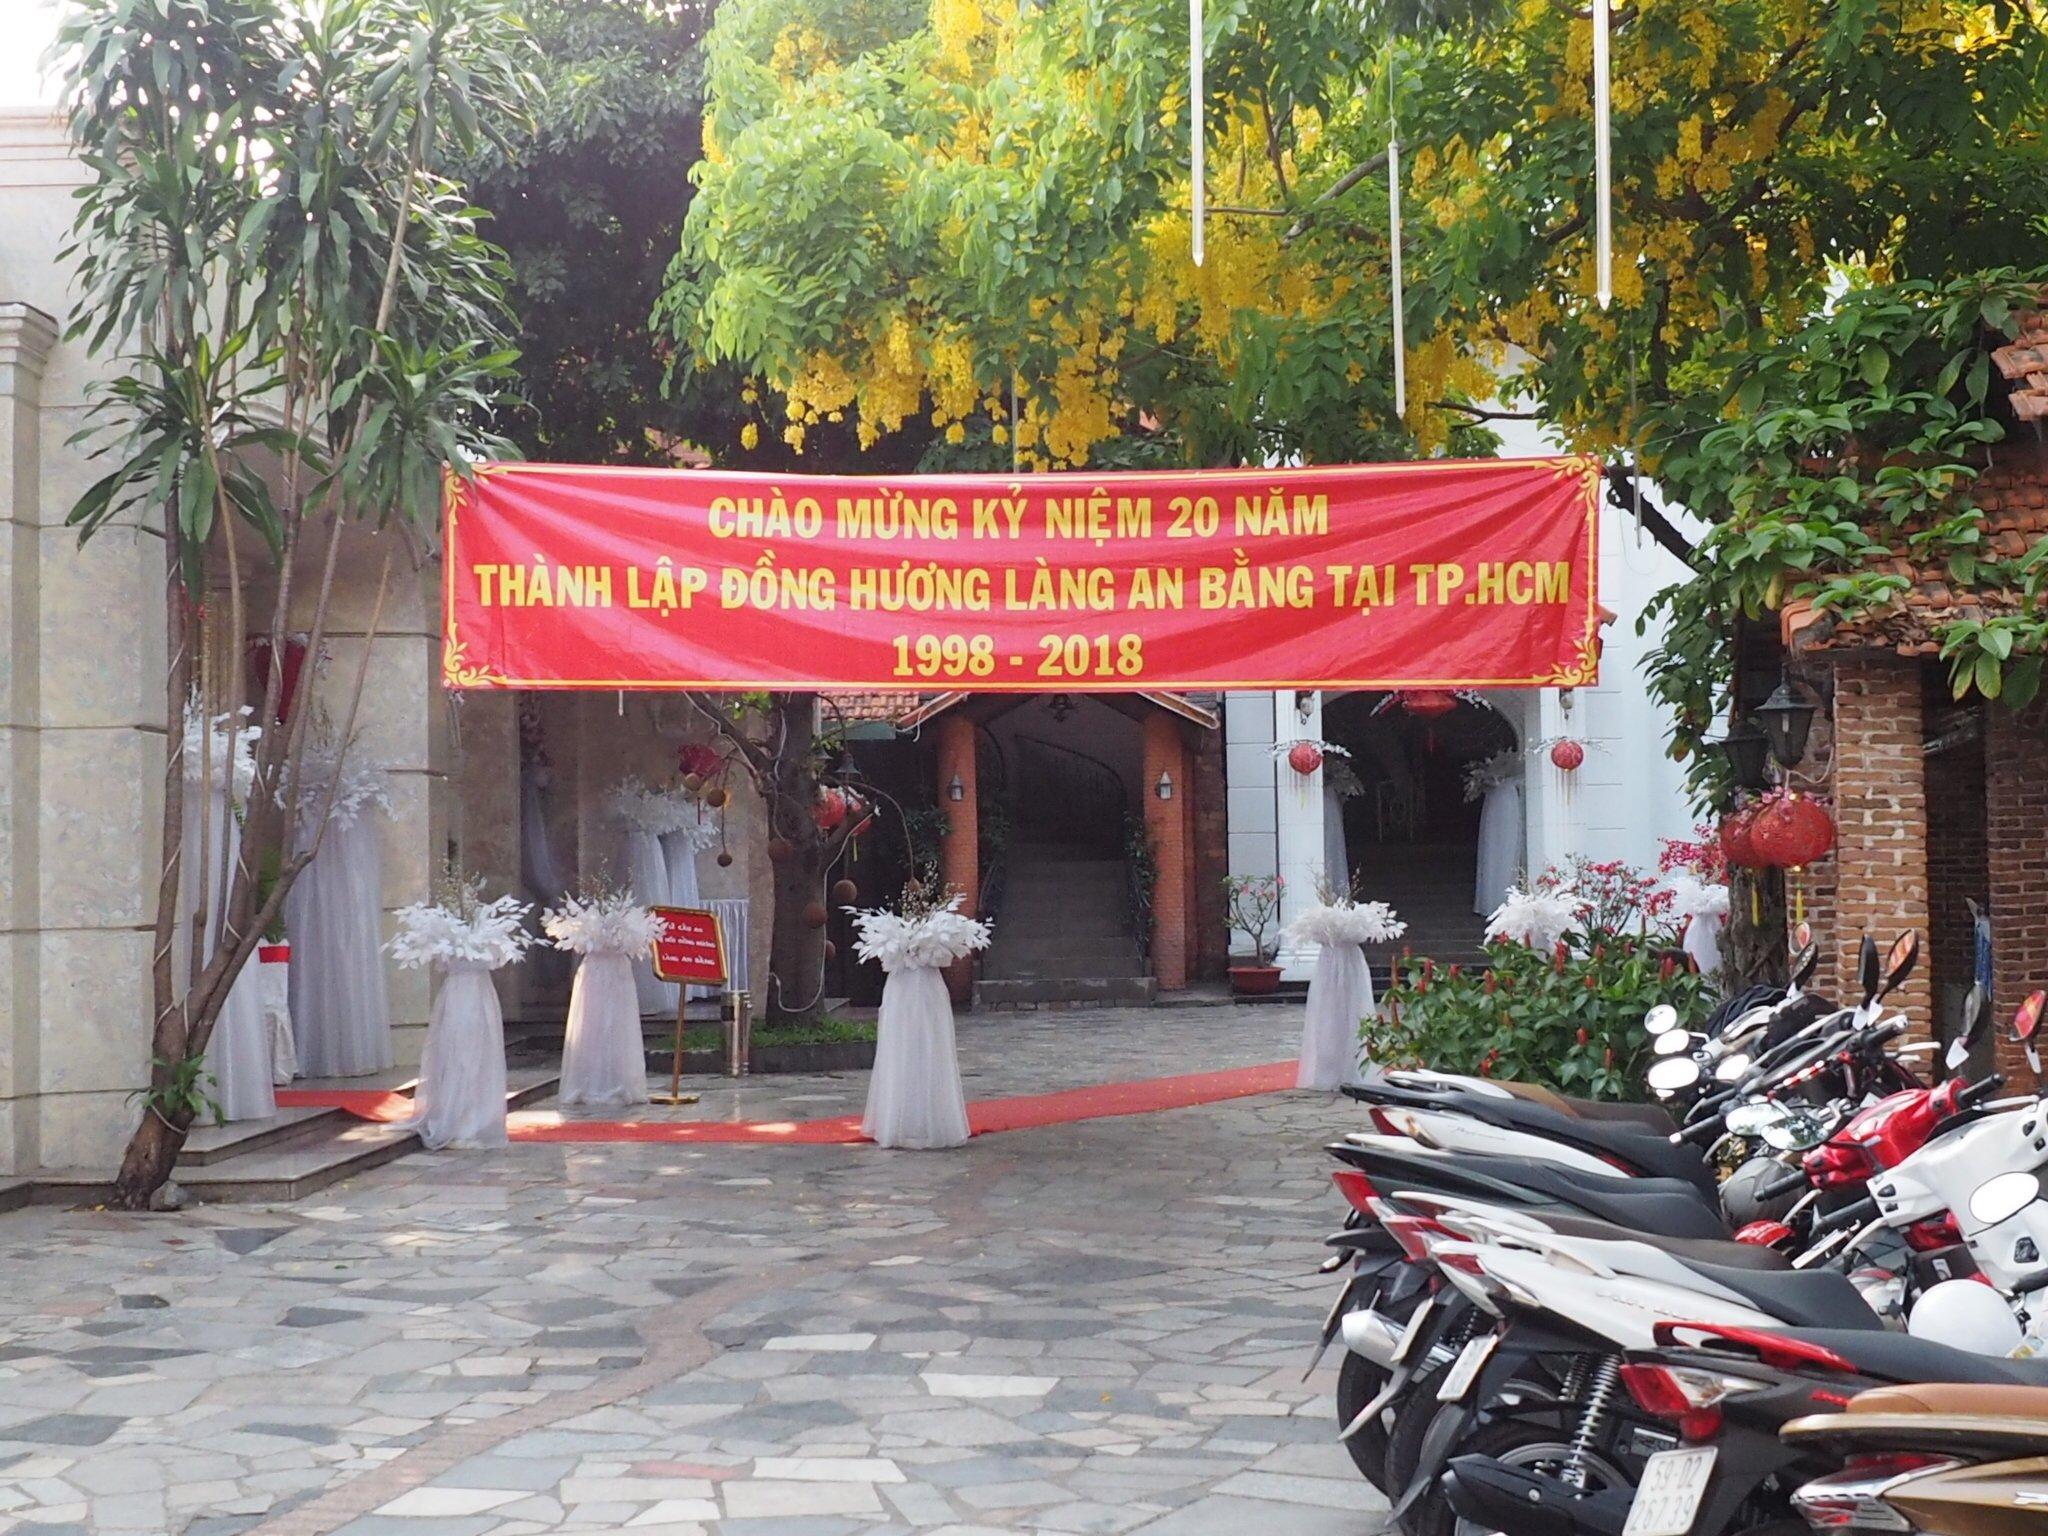 Hình ảnh: Lễ Cầu An 2018 Sài Gòn